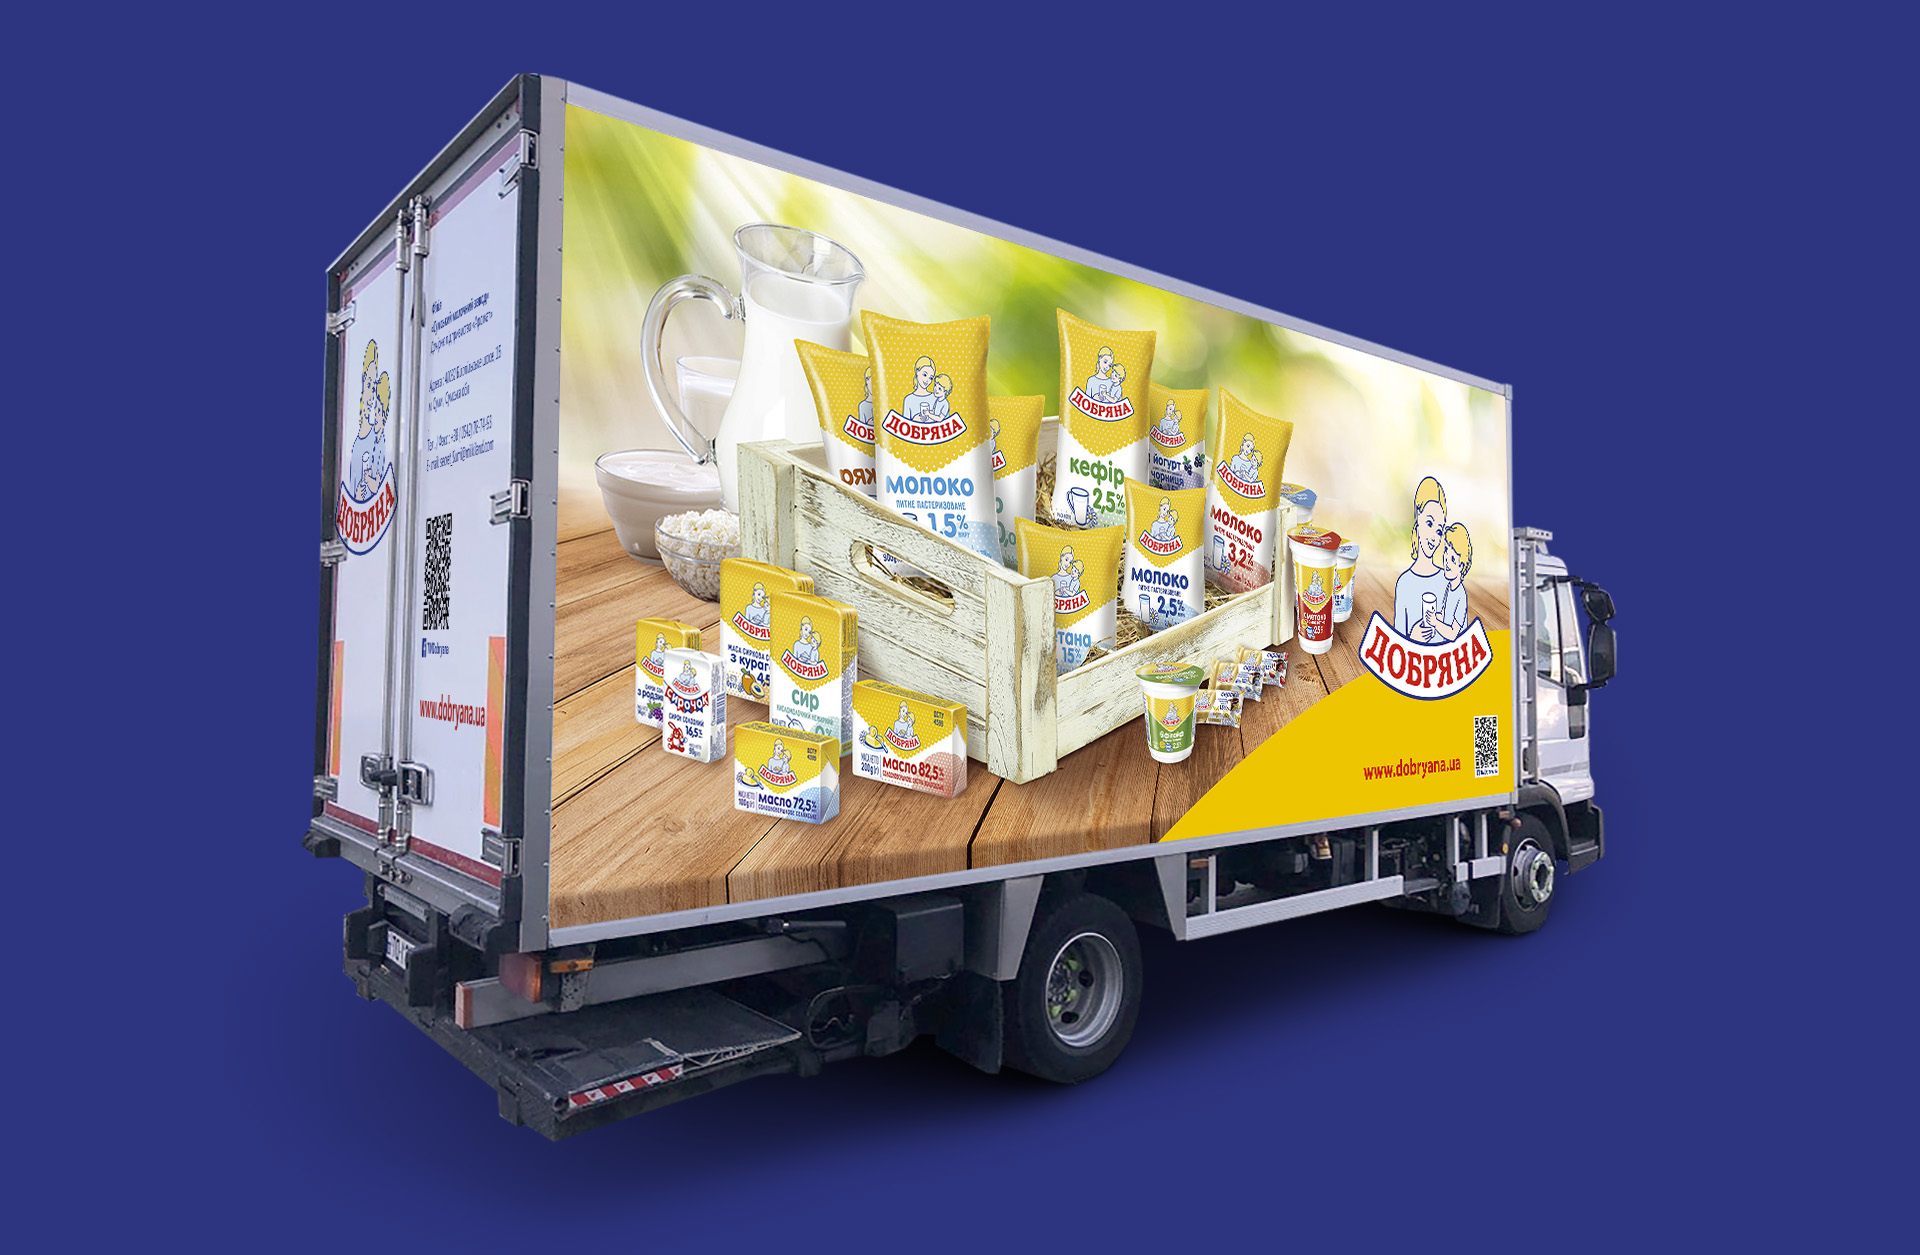 Реклама на транспорте, брендирование корпаративного транспорта